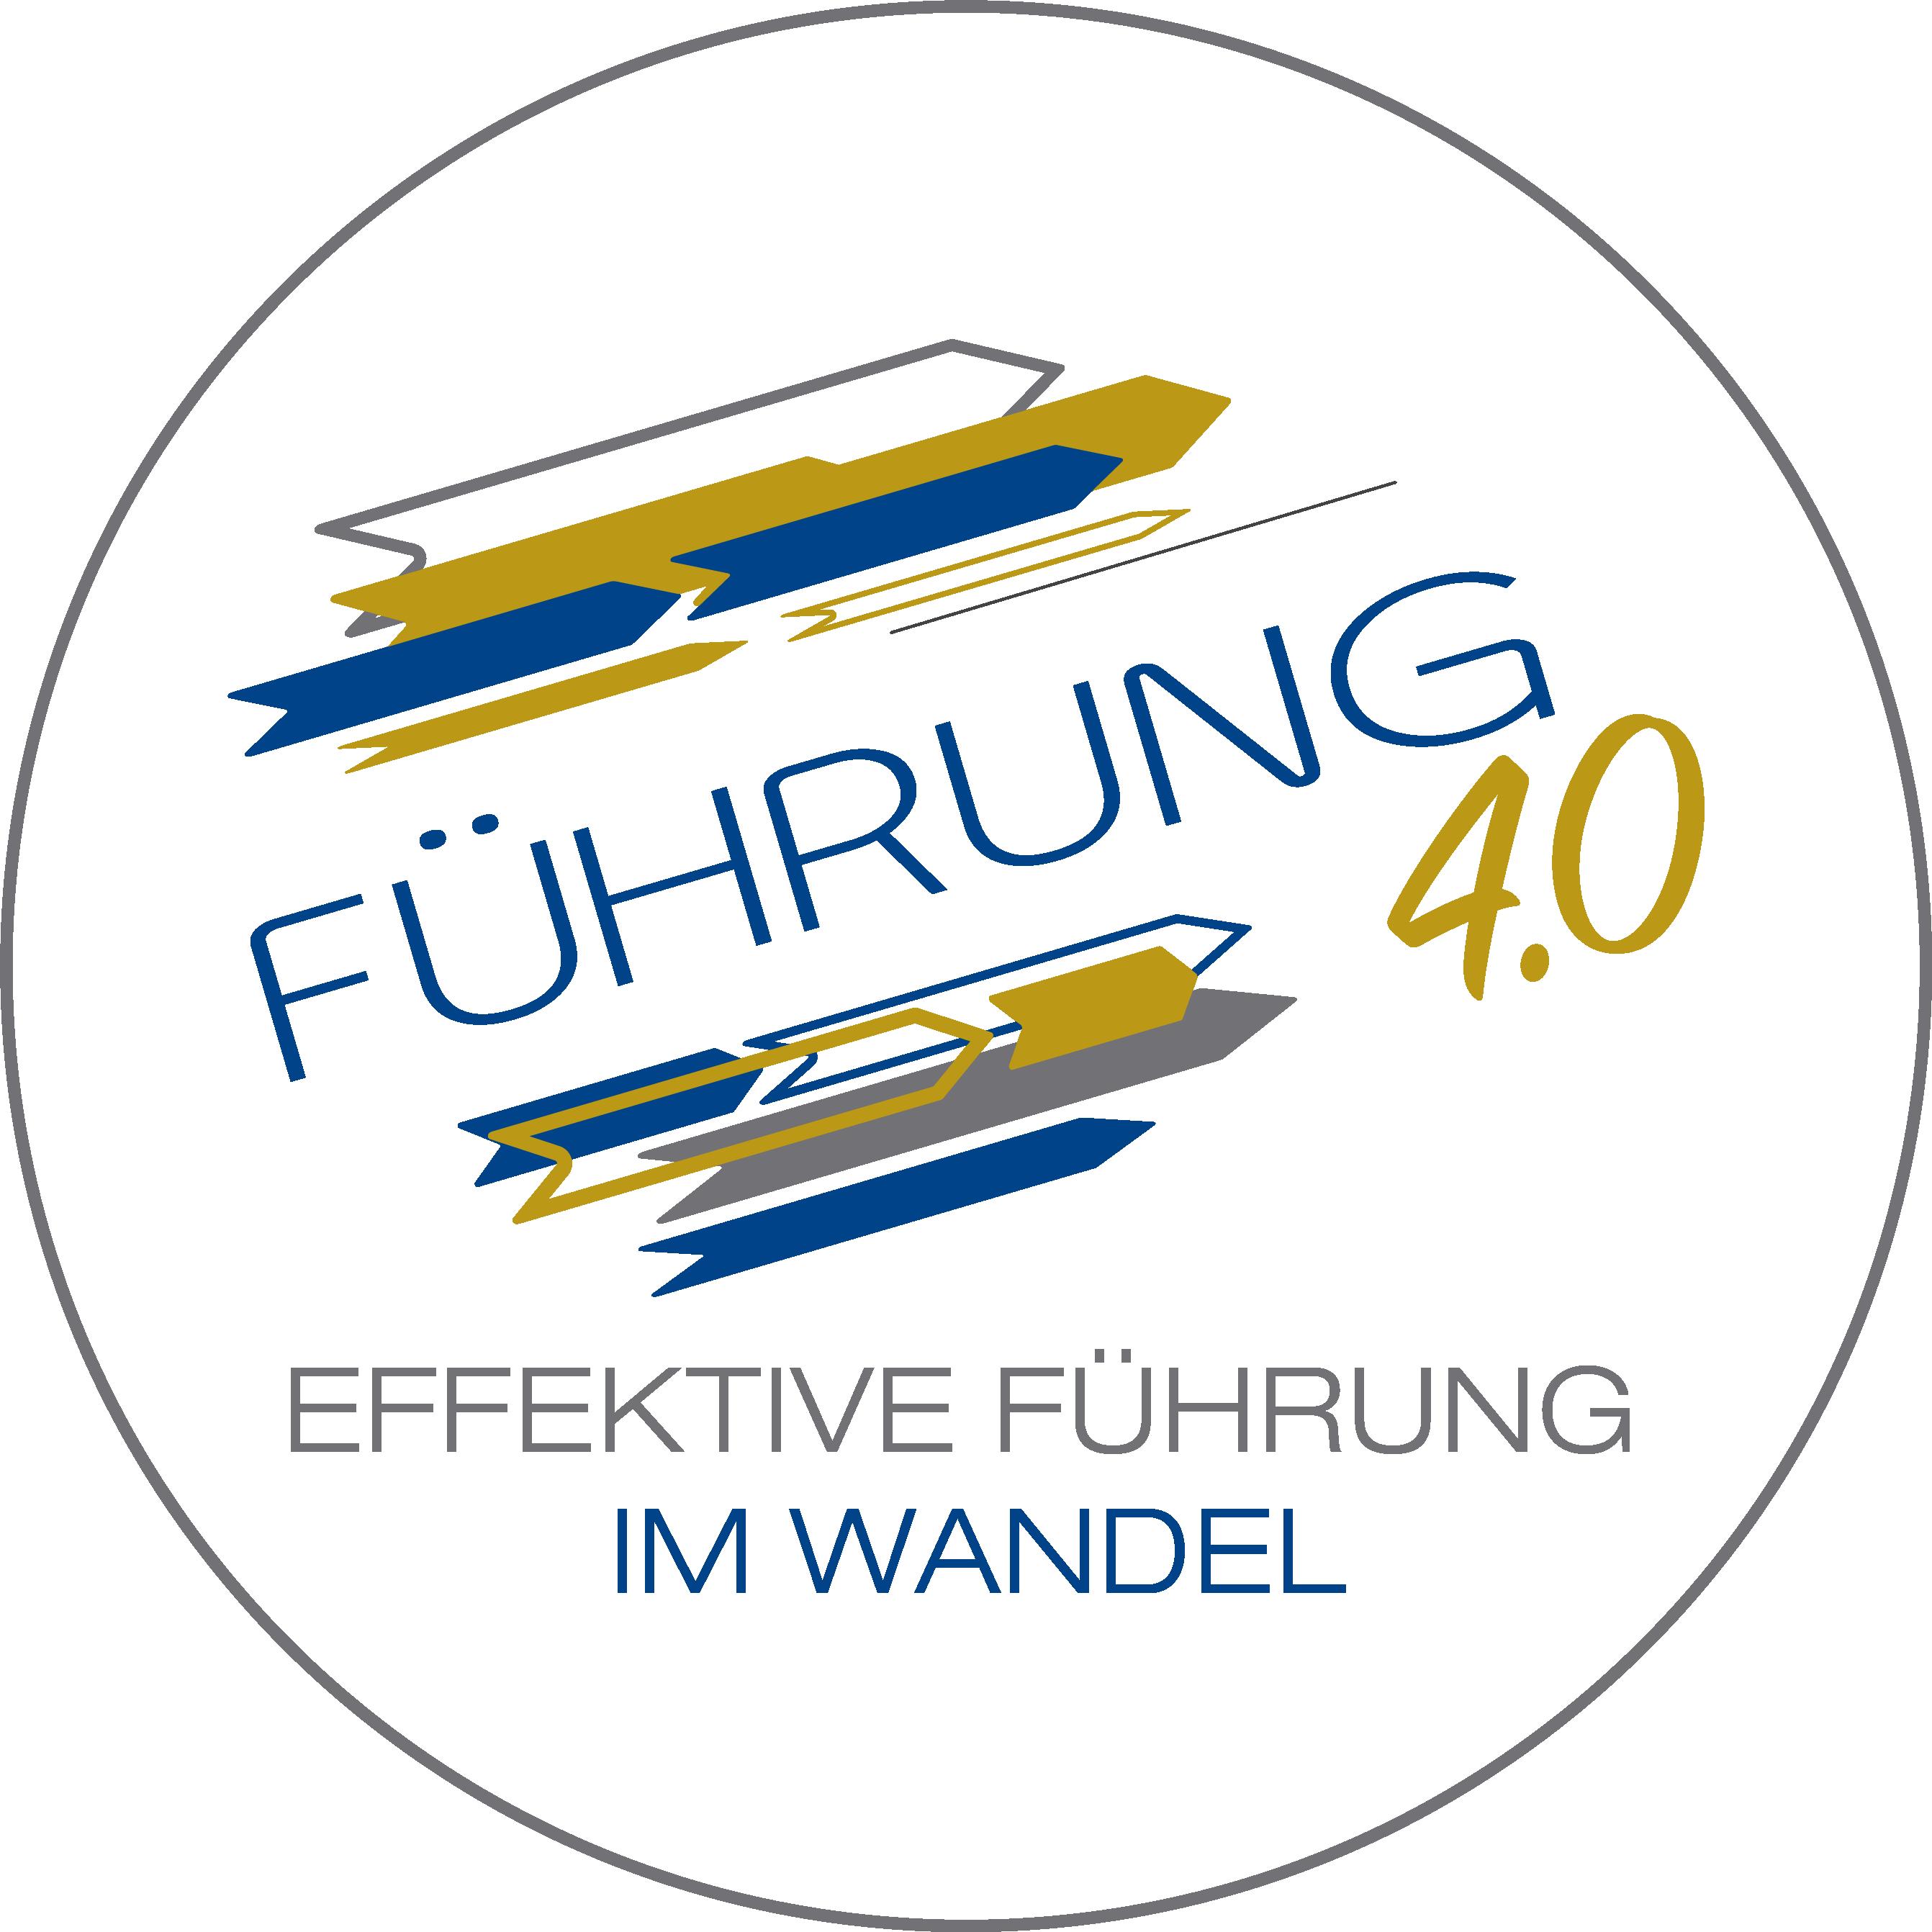 Führung 4.0 – Jahresthema 2019 der WJ Bayern